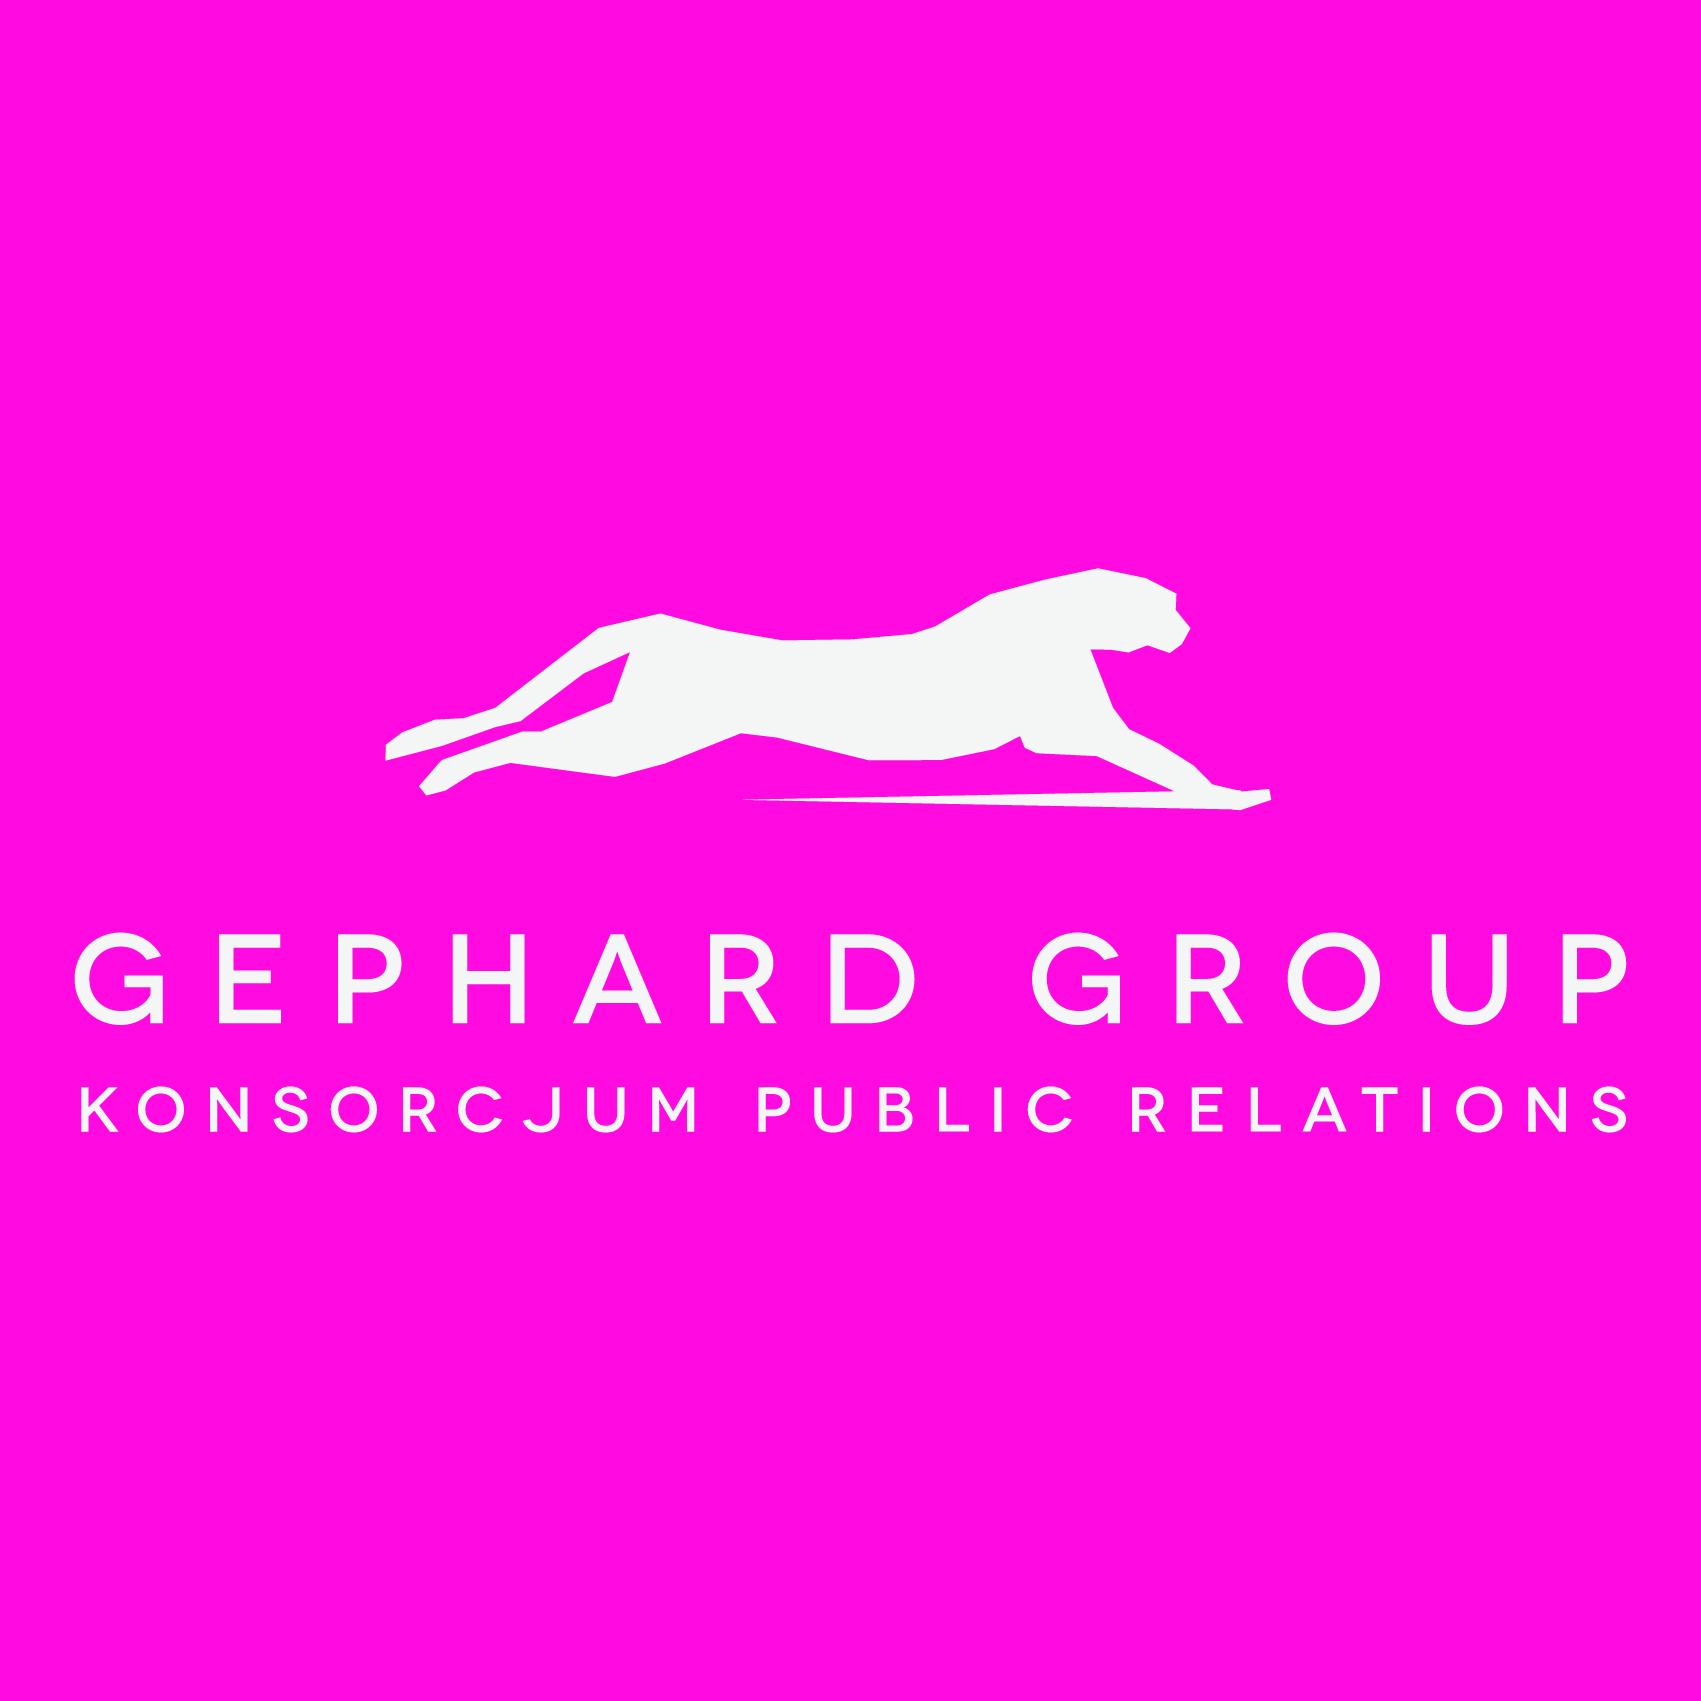 Gephard Group